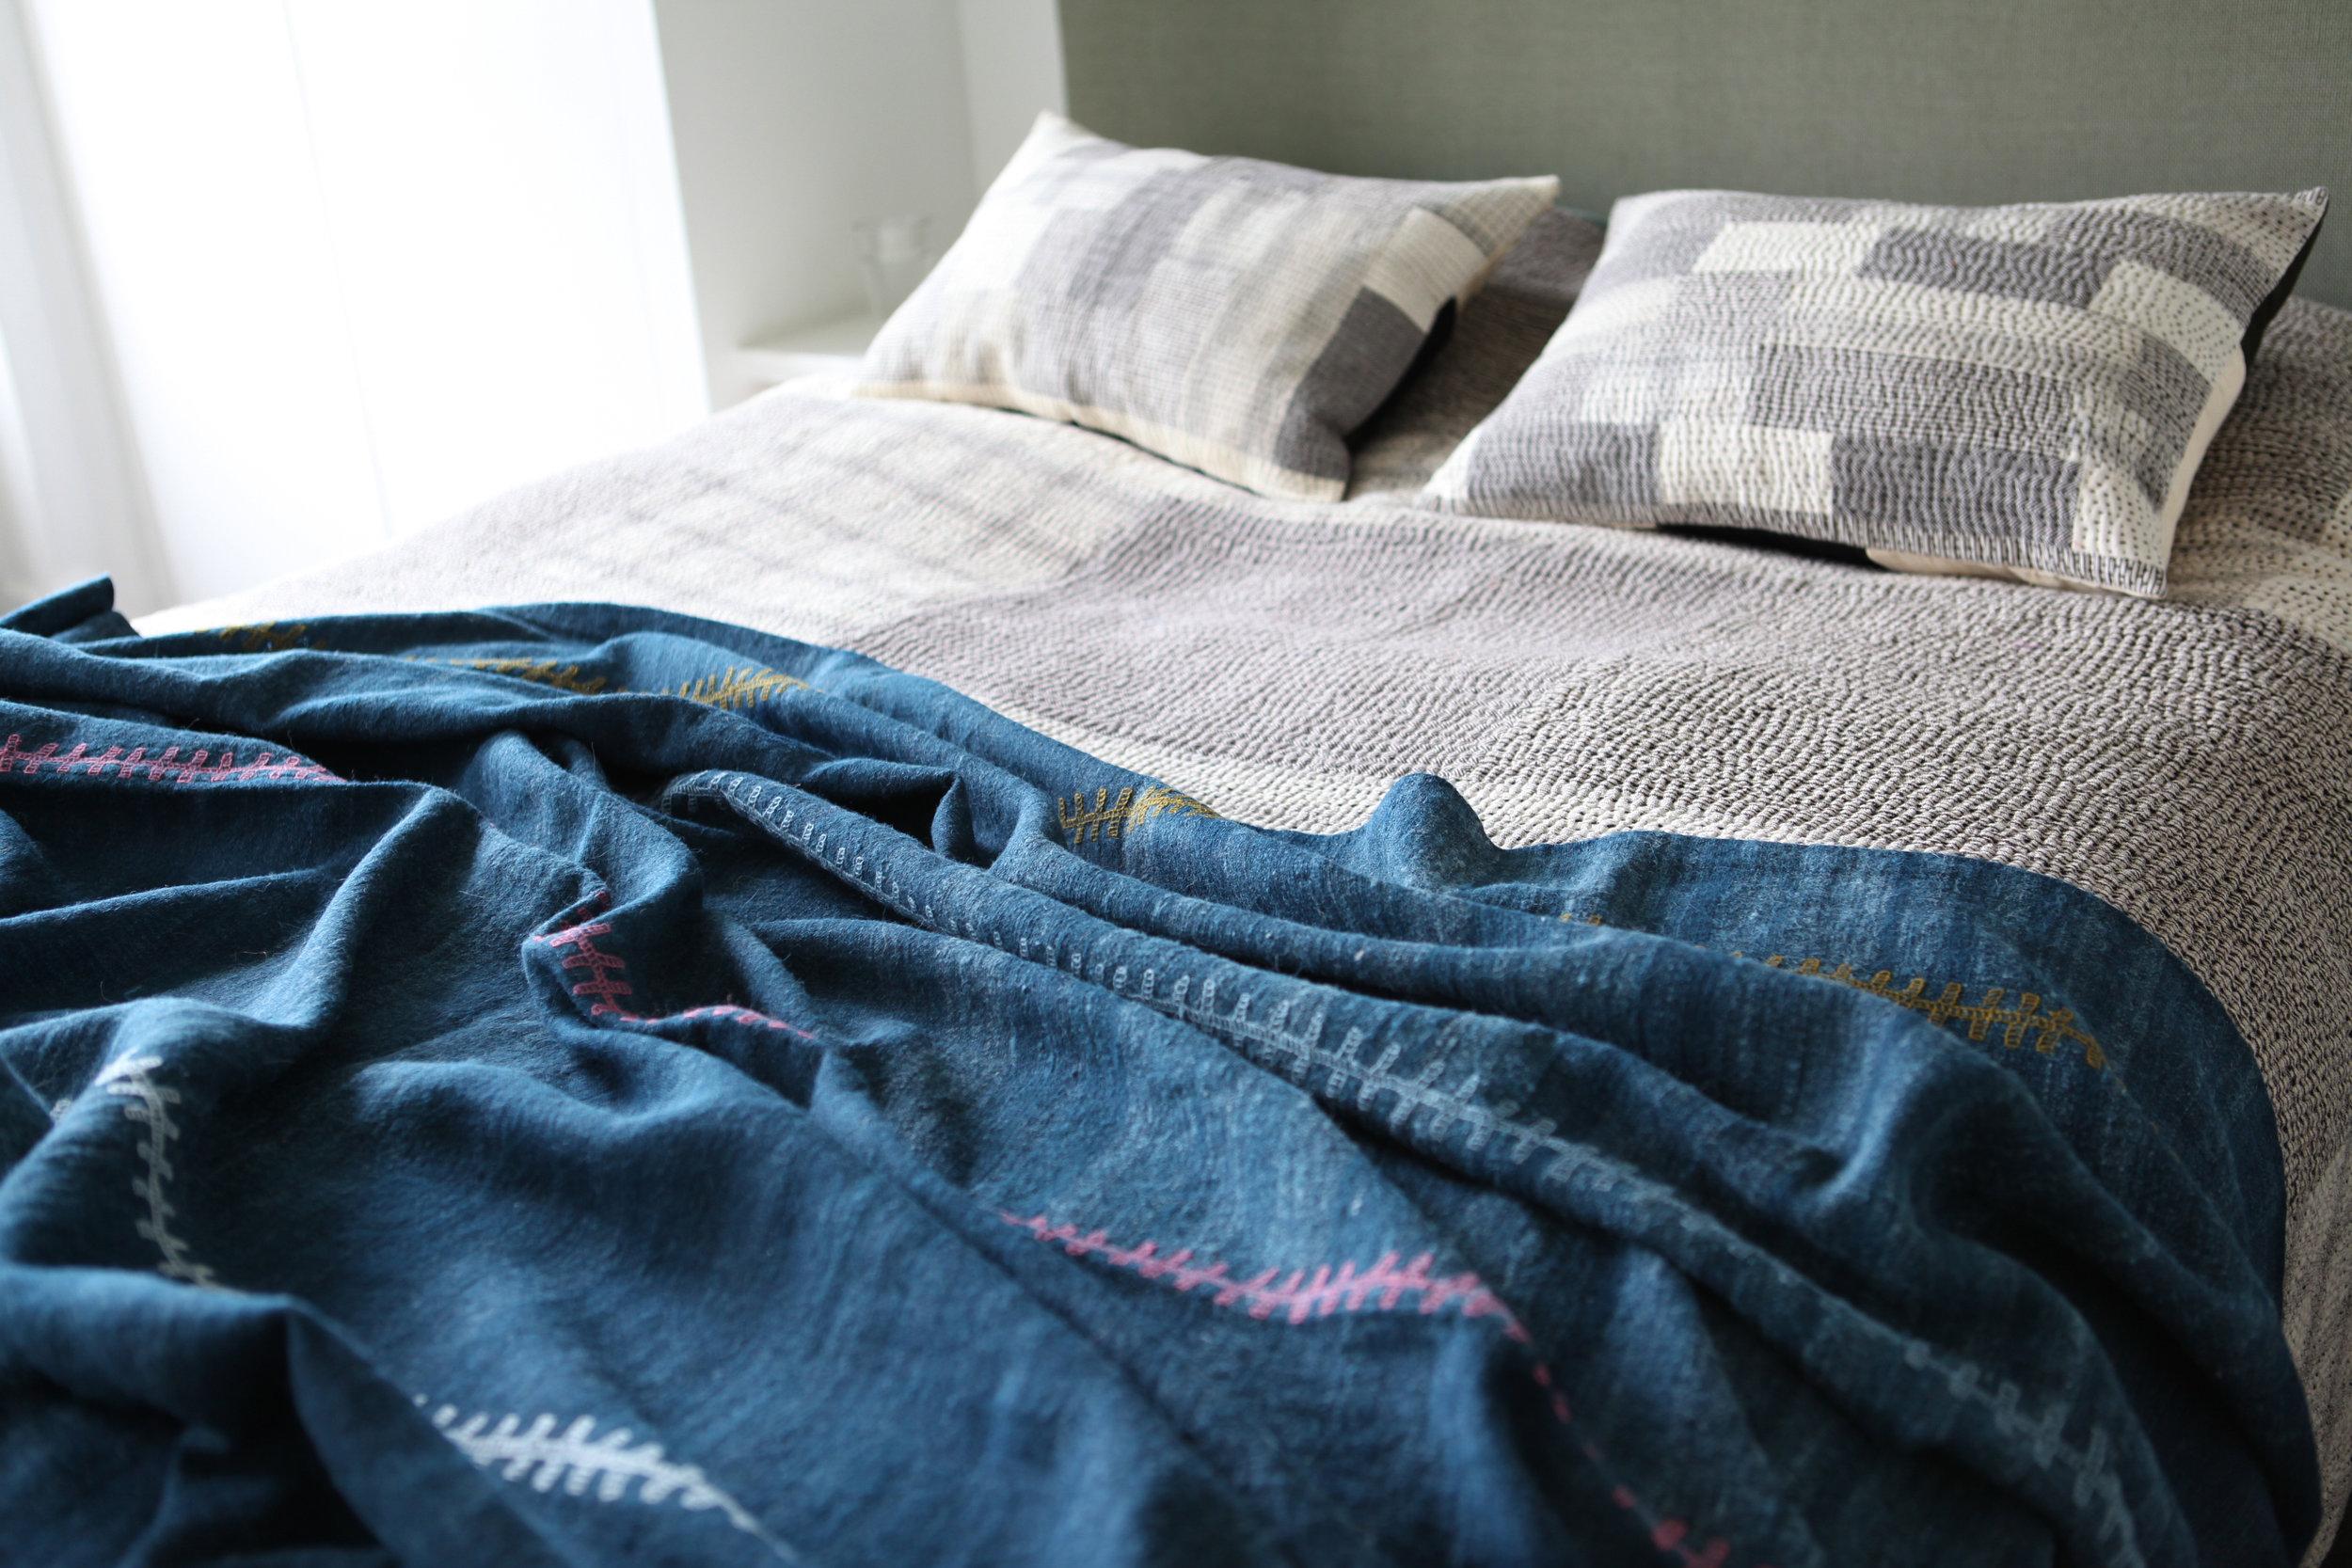 StitchByStitch_handwoven_desi_wool_artisan_bed_throw_indigo_embroidered